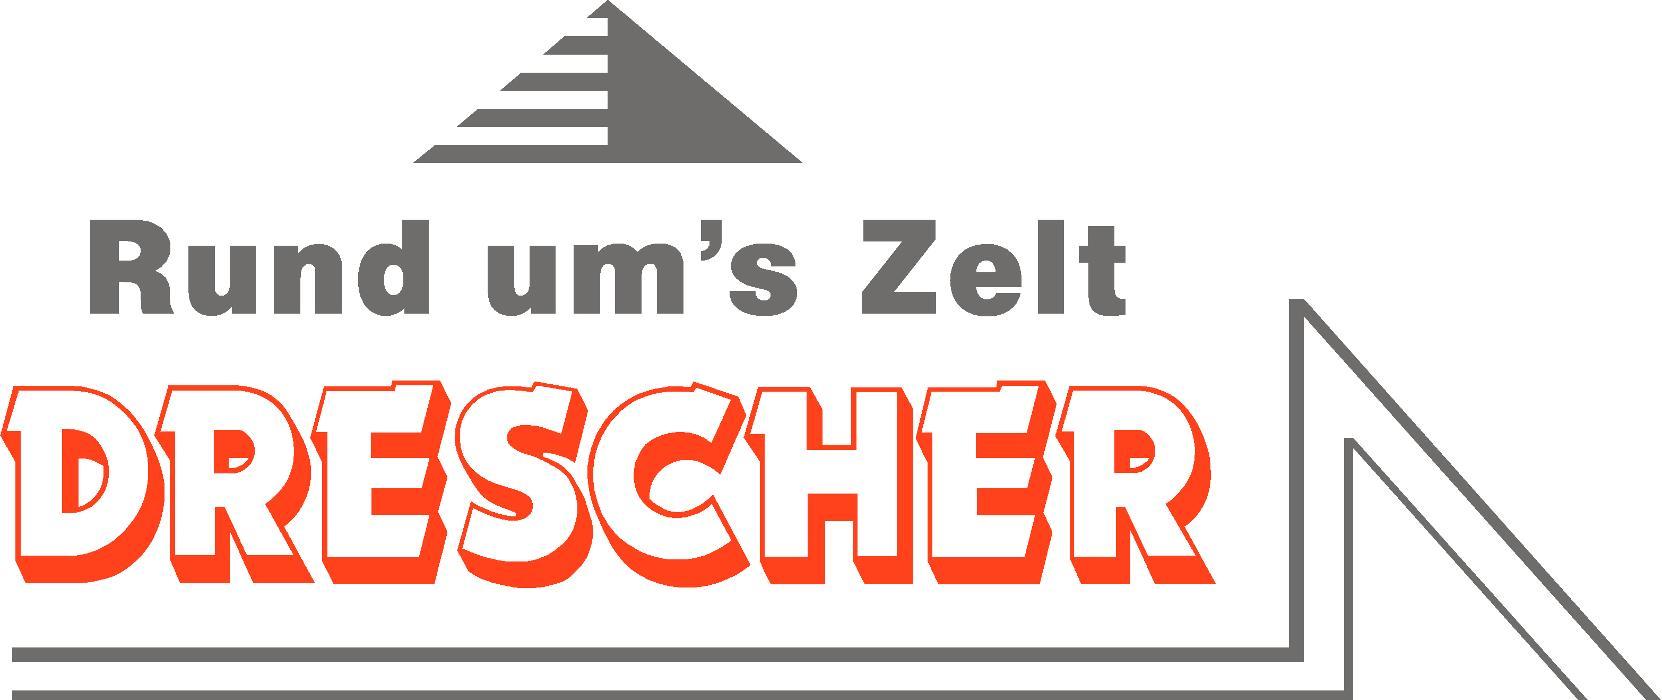 H.Drescher GmbH & CO.KG